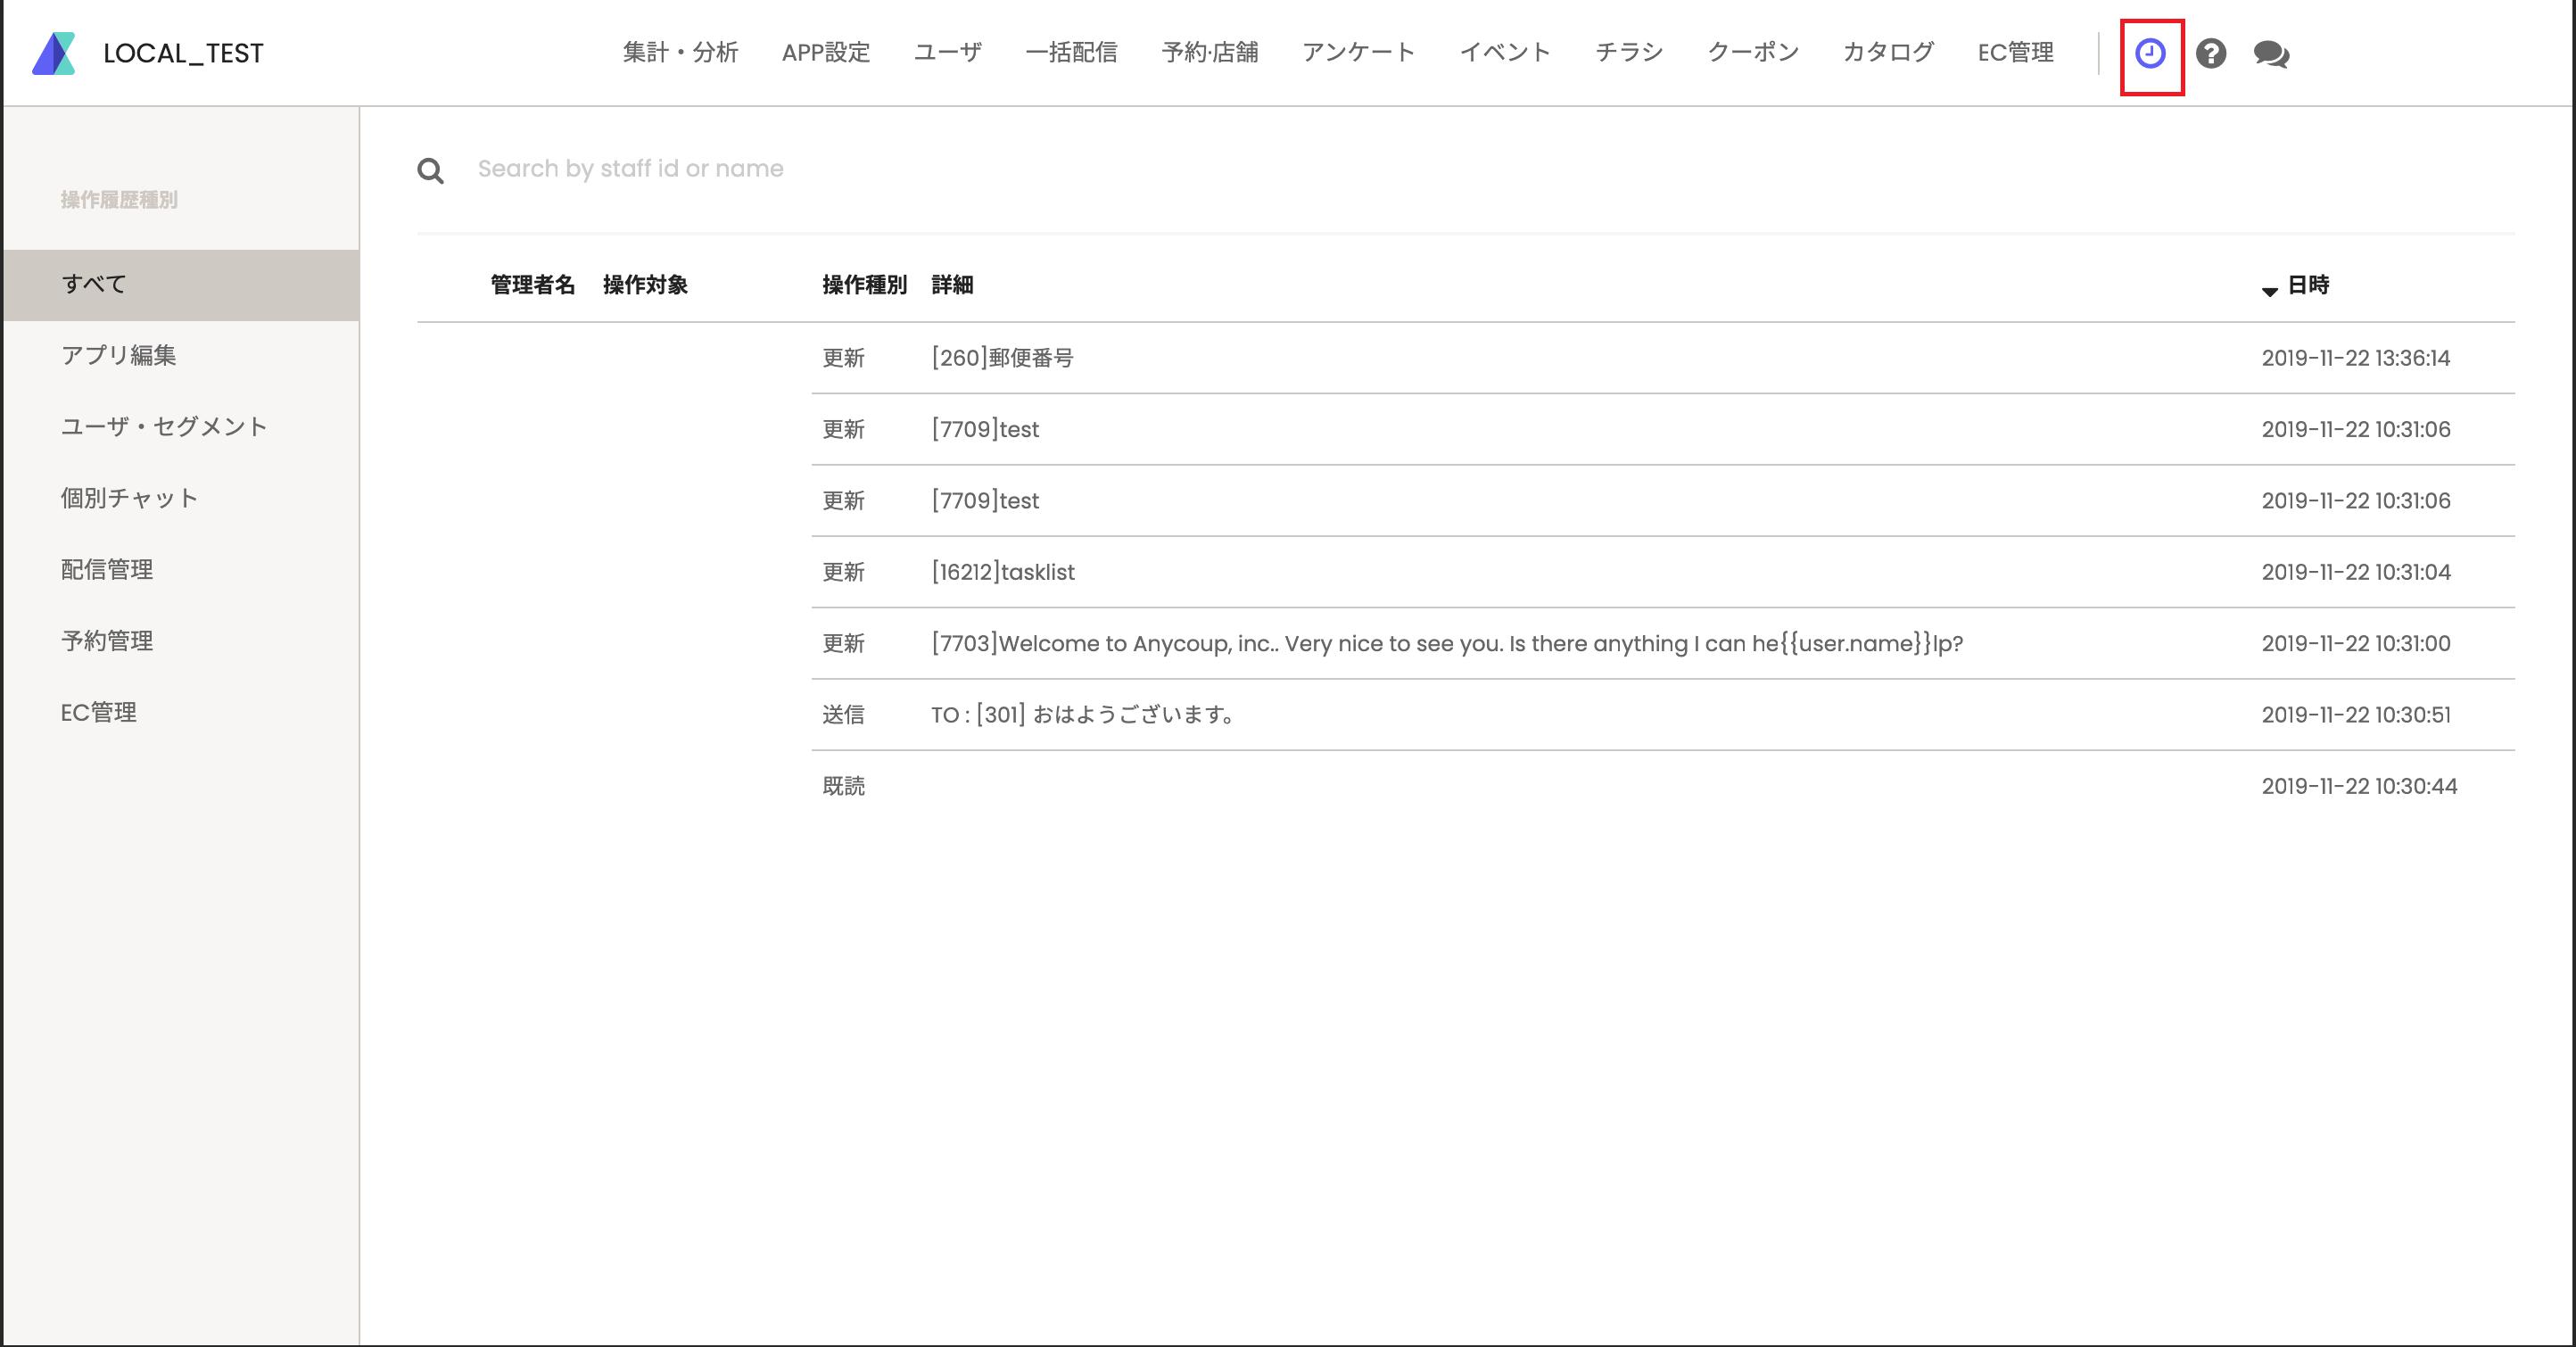 anybotの管理画面で更新履歴と操作履歴を見ることができる